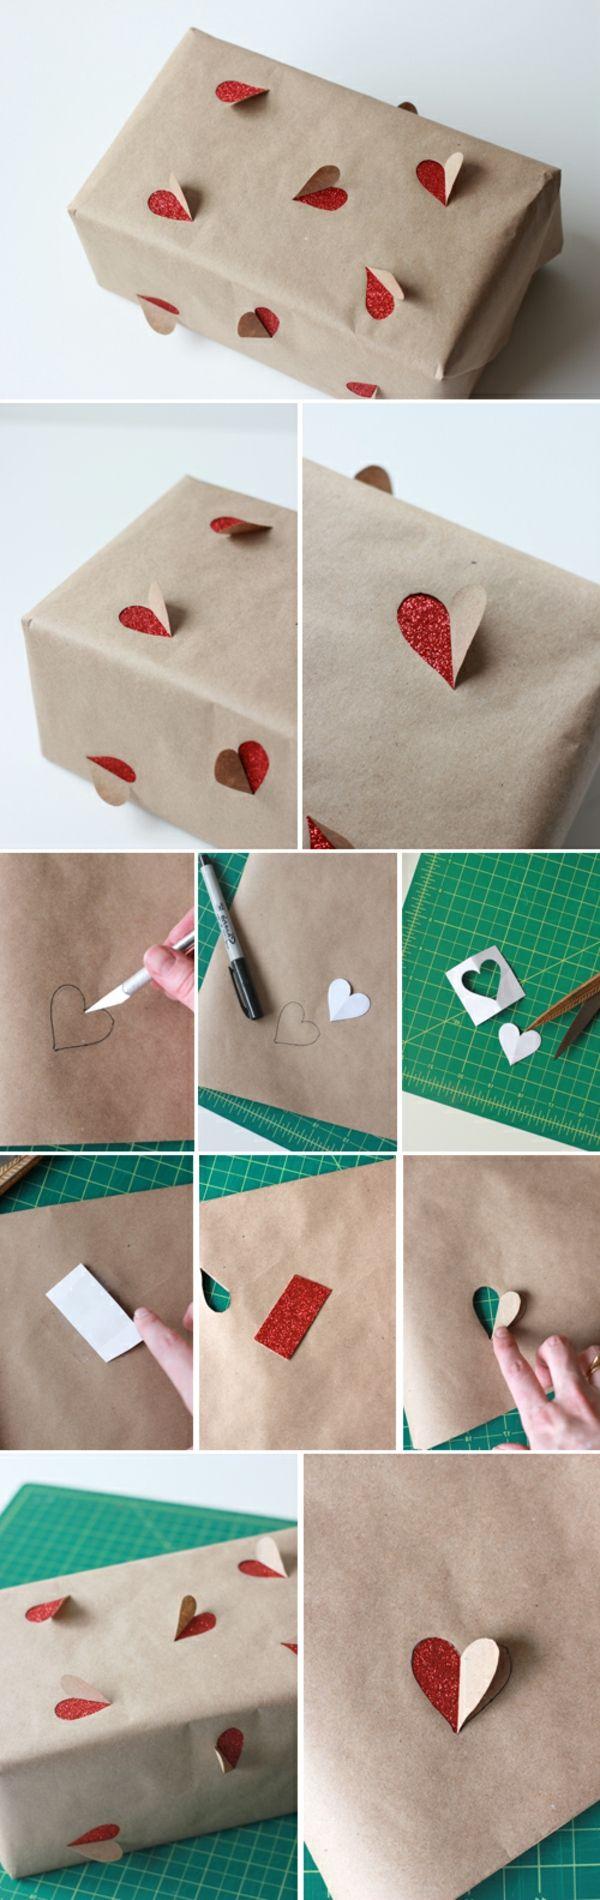 Comment Emballer Un Cadeau : comment, emballer, cadeau, Idées, D'emballage, Cadeau, Original, Archzine.fr, Emballage, Original,, Valentines, Bricolage,